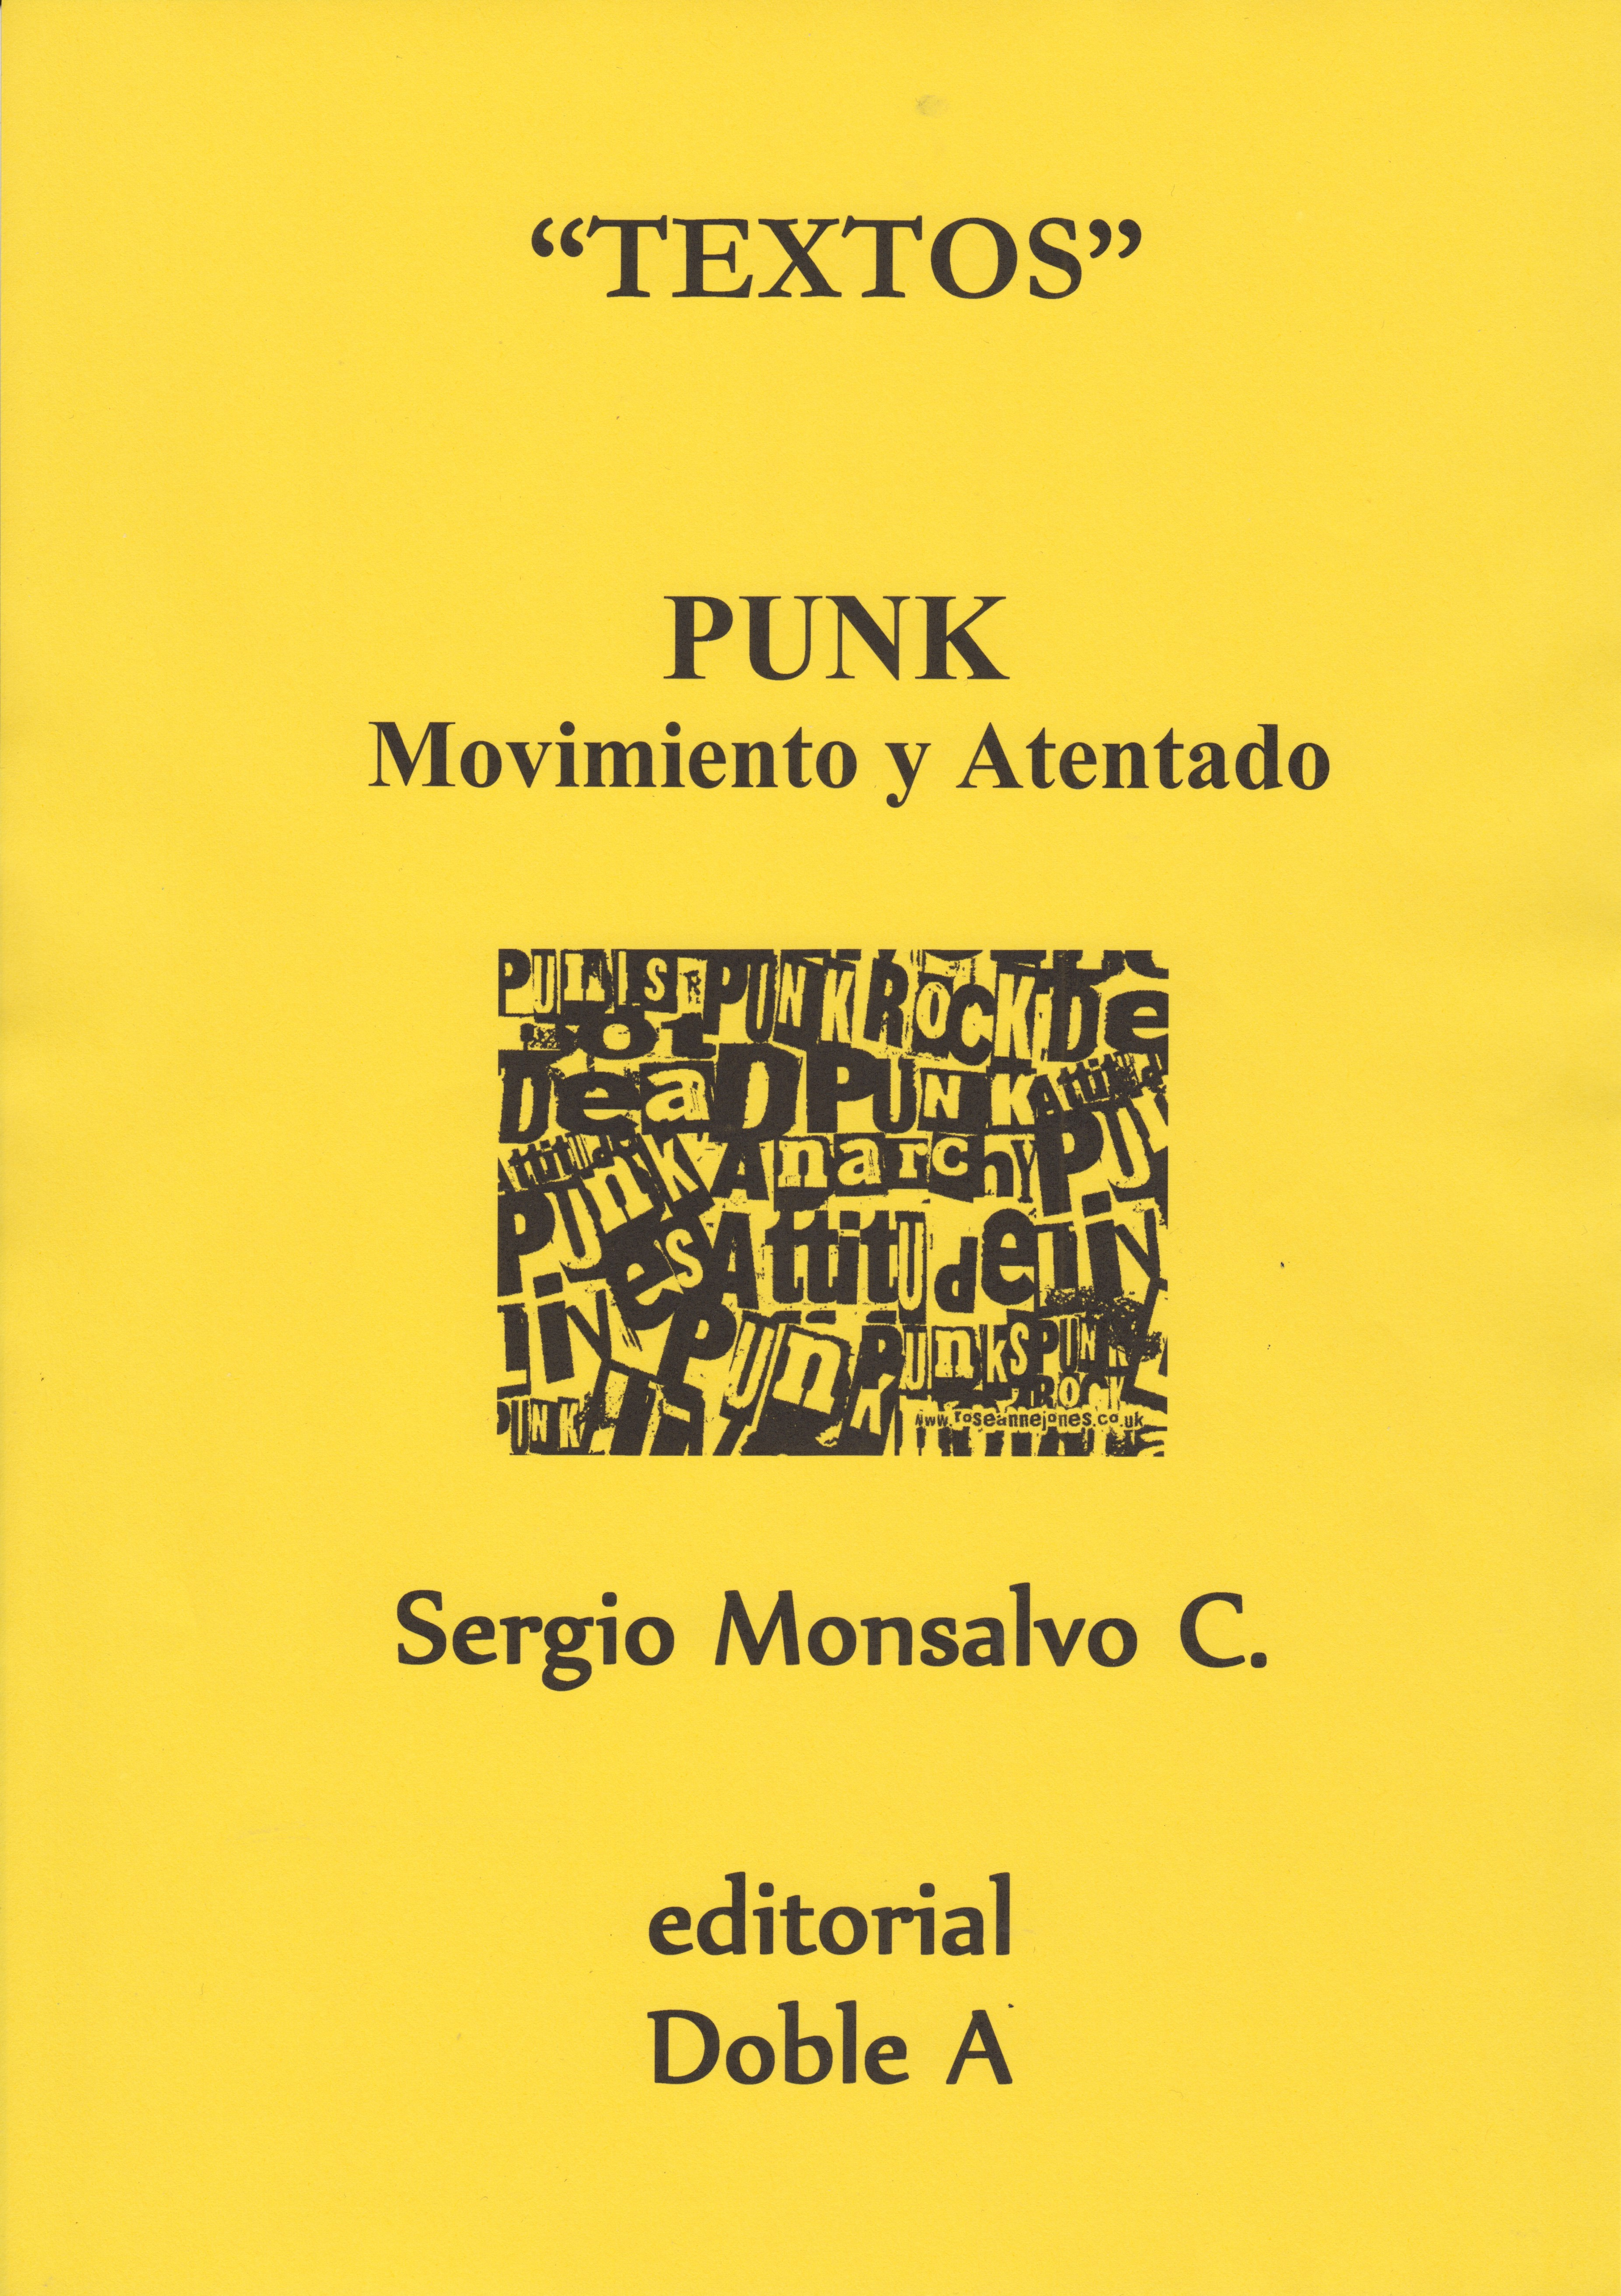 PUNK (PORTADA)